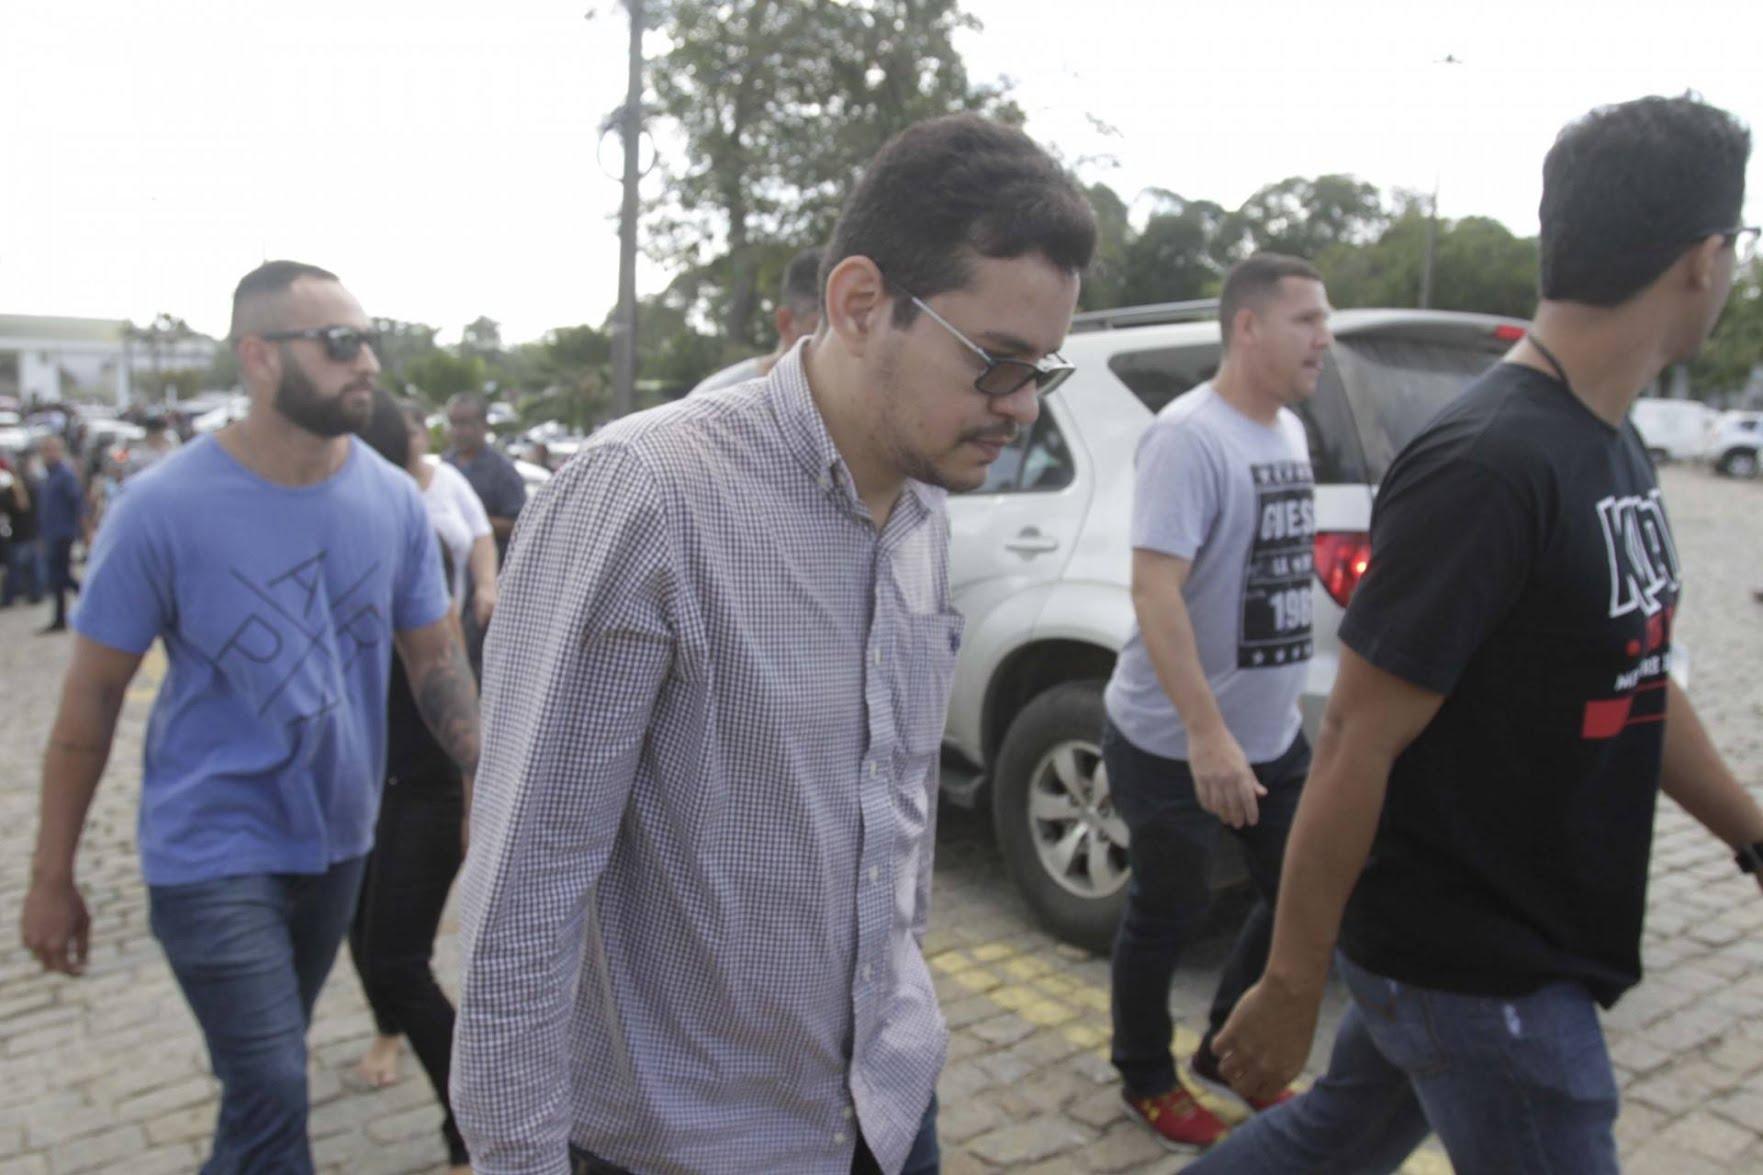 Flávio Rodrigues, filho da deputada Flordelis, foi preso após enterro. Ele é apontado como um dos mandantes do crime